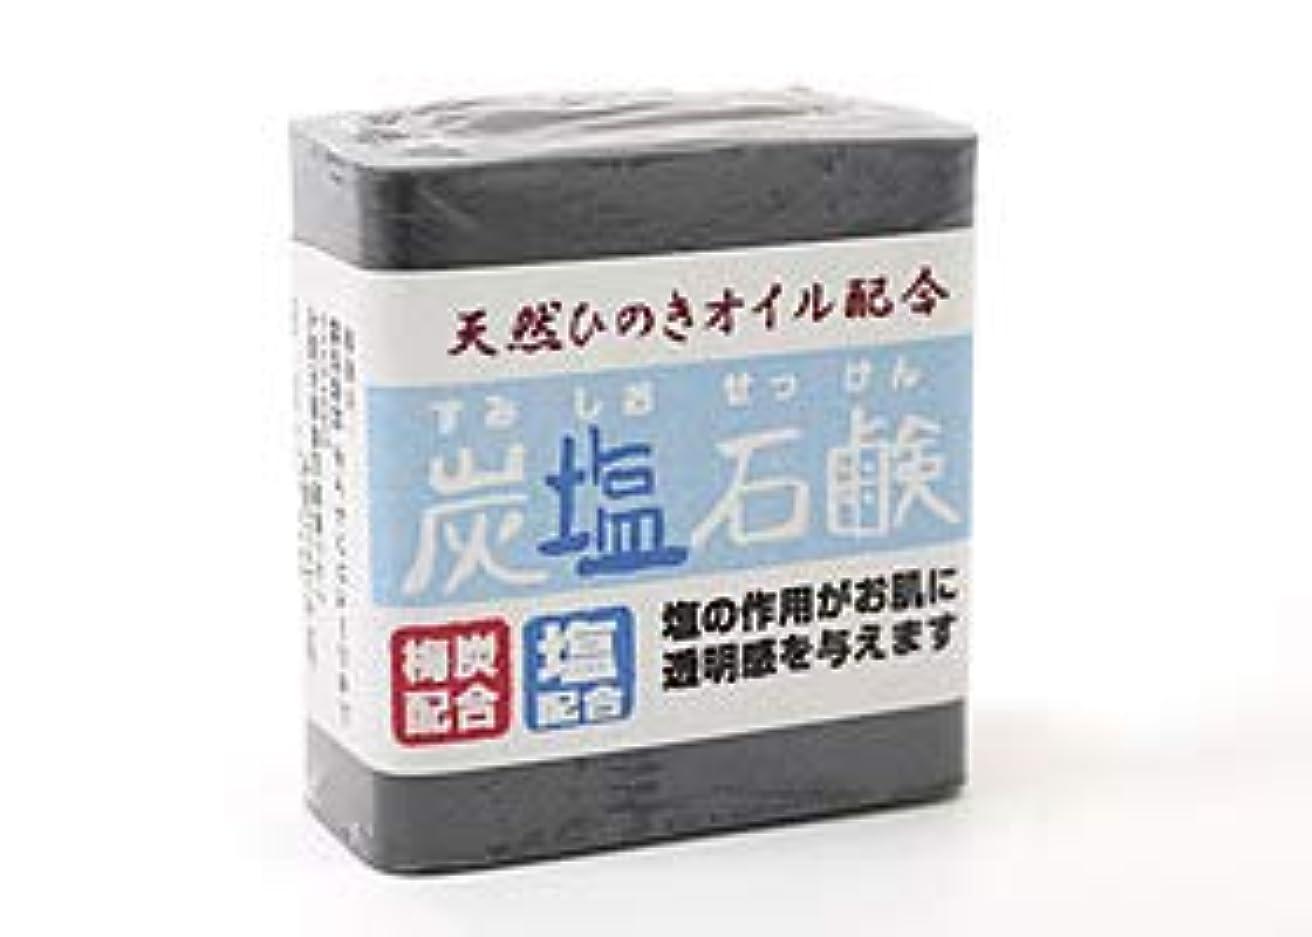 フリル注ぎますパトロール炭塩石鹸 ハーフサイズ 【 天然ひのきオイル配合】